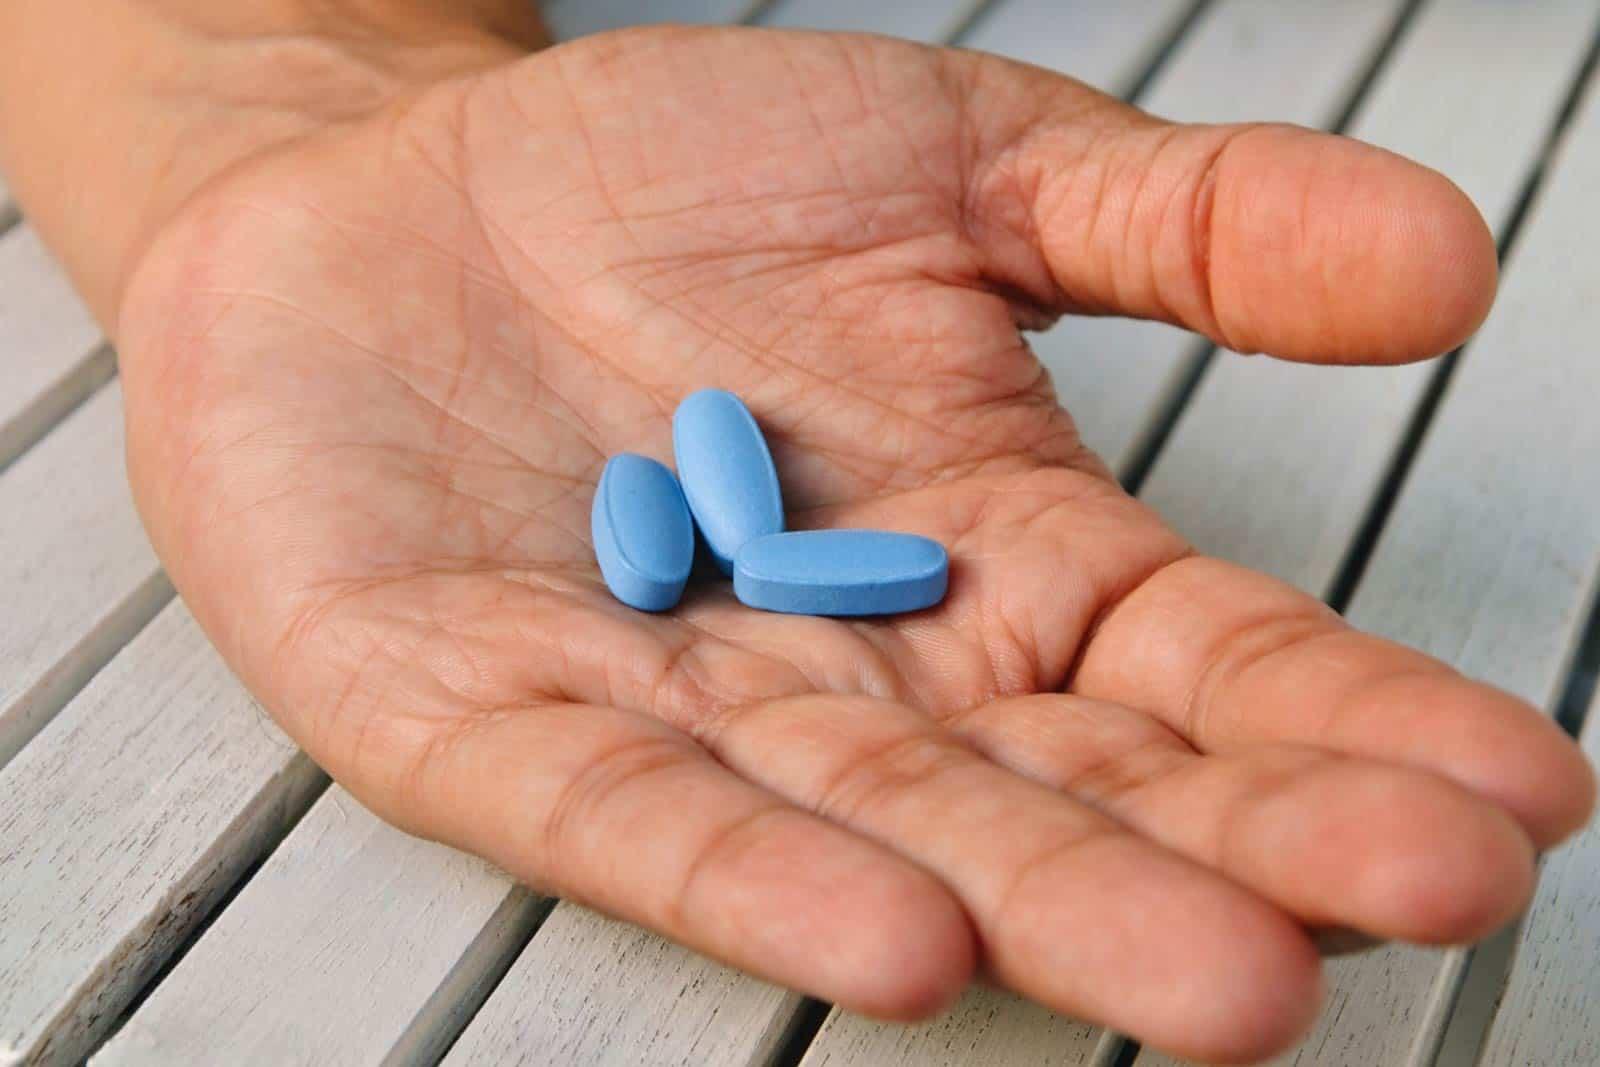 Tablete za erekciju